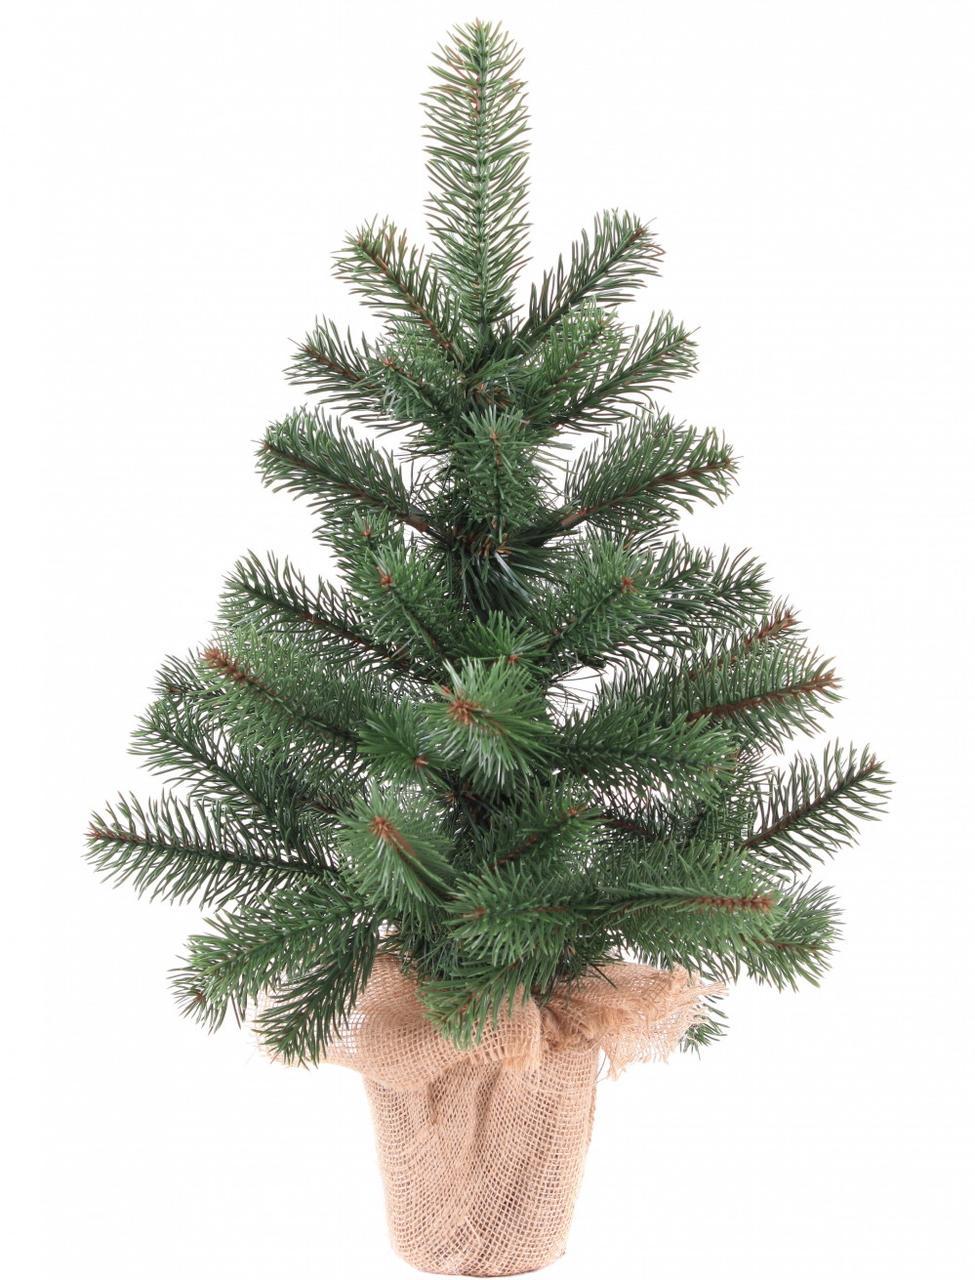 Декор Литая Елка Новогодняя Рождественская Ель Из Литой Искусственной Хвои 50х40см  (ProFit55L)